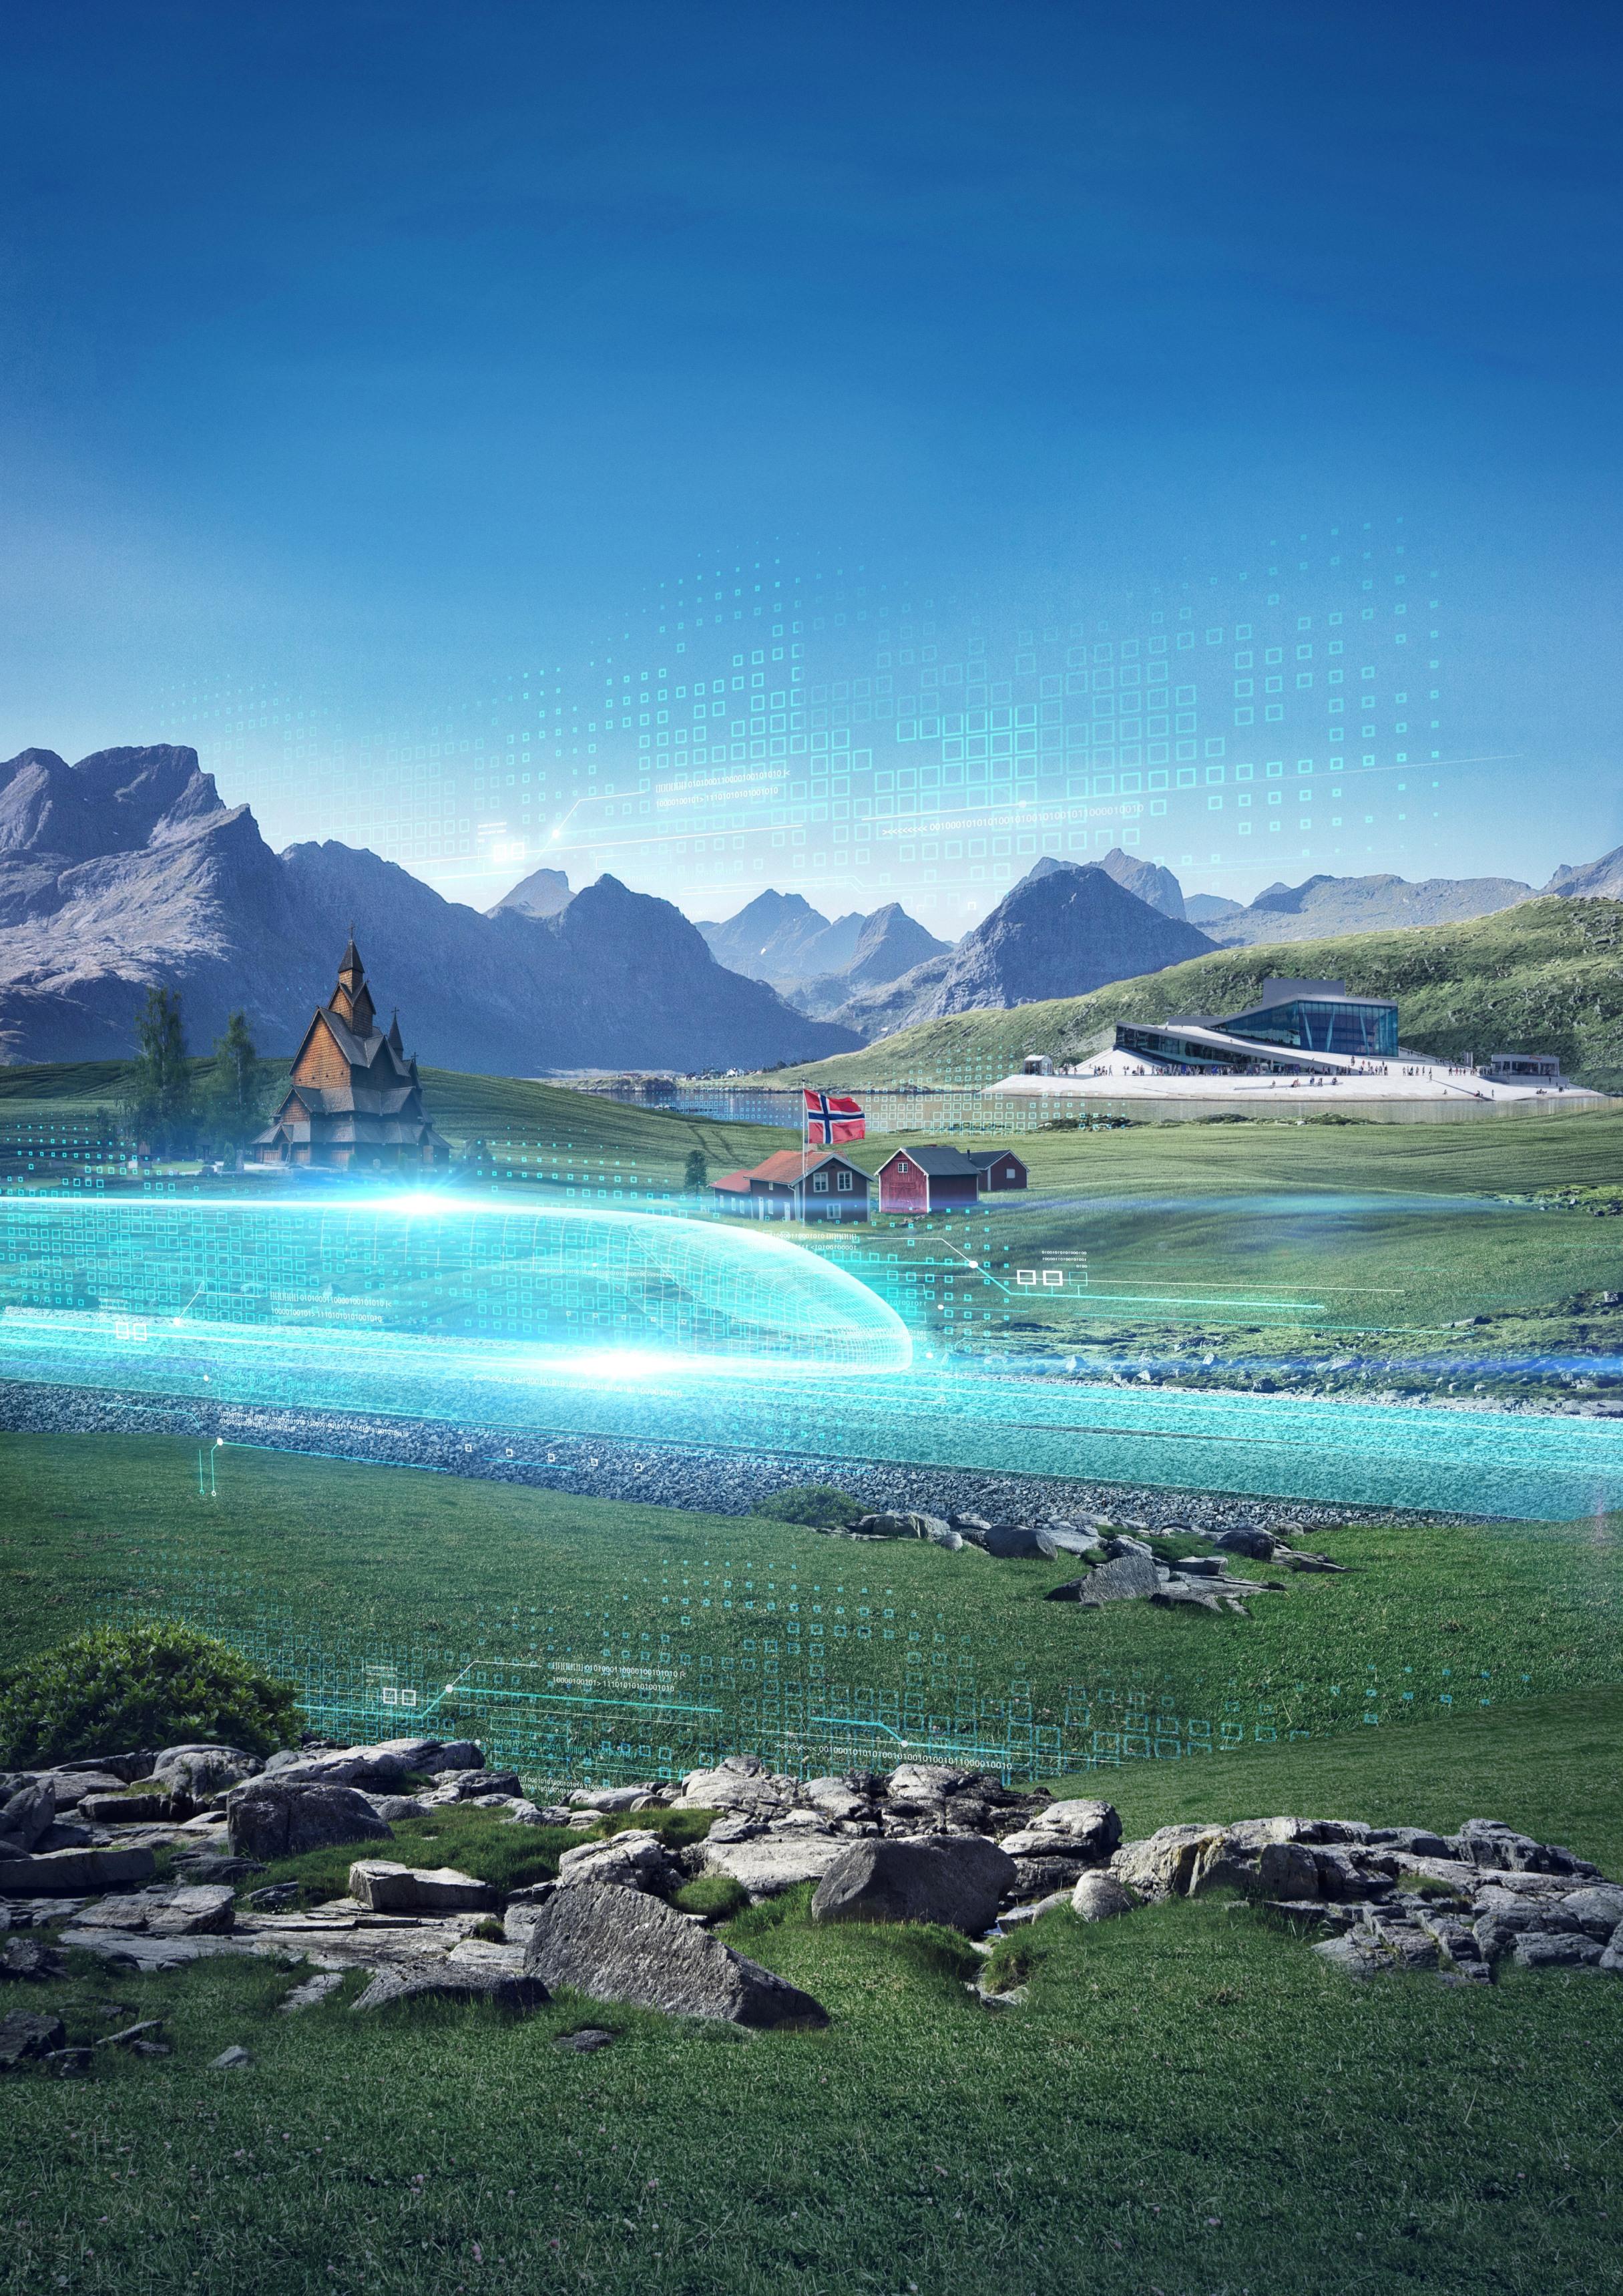 NaKolei.pl - ETCS poziomu 2 od Siemensa dla Norwegii. Koniec inwestycji na linii w 2034 roku